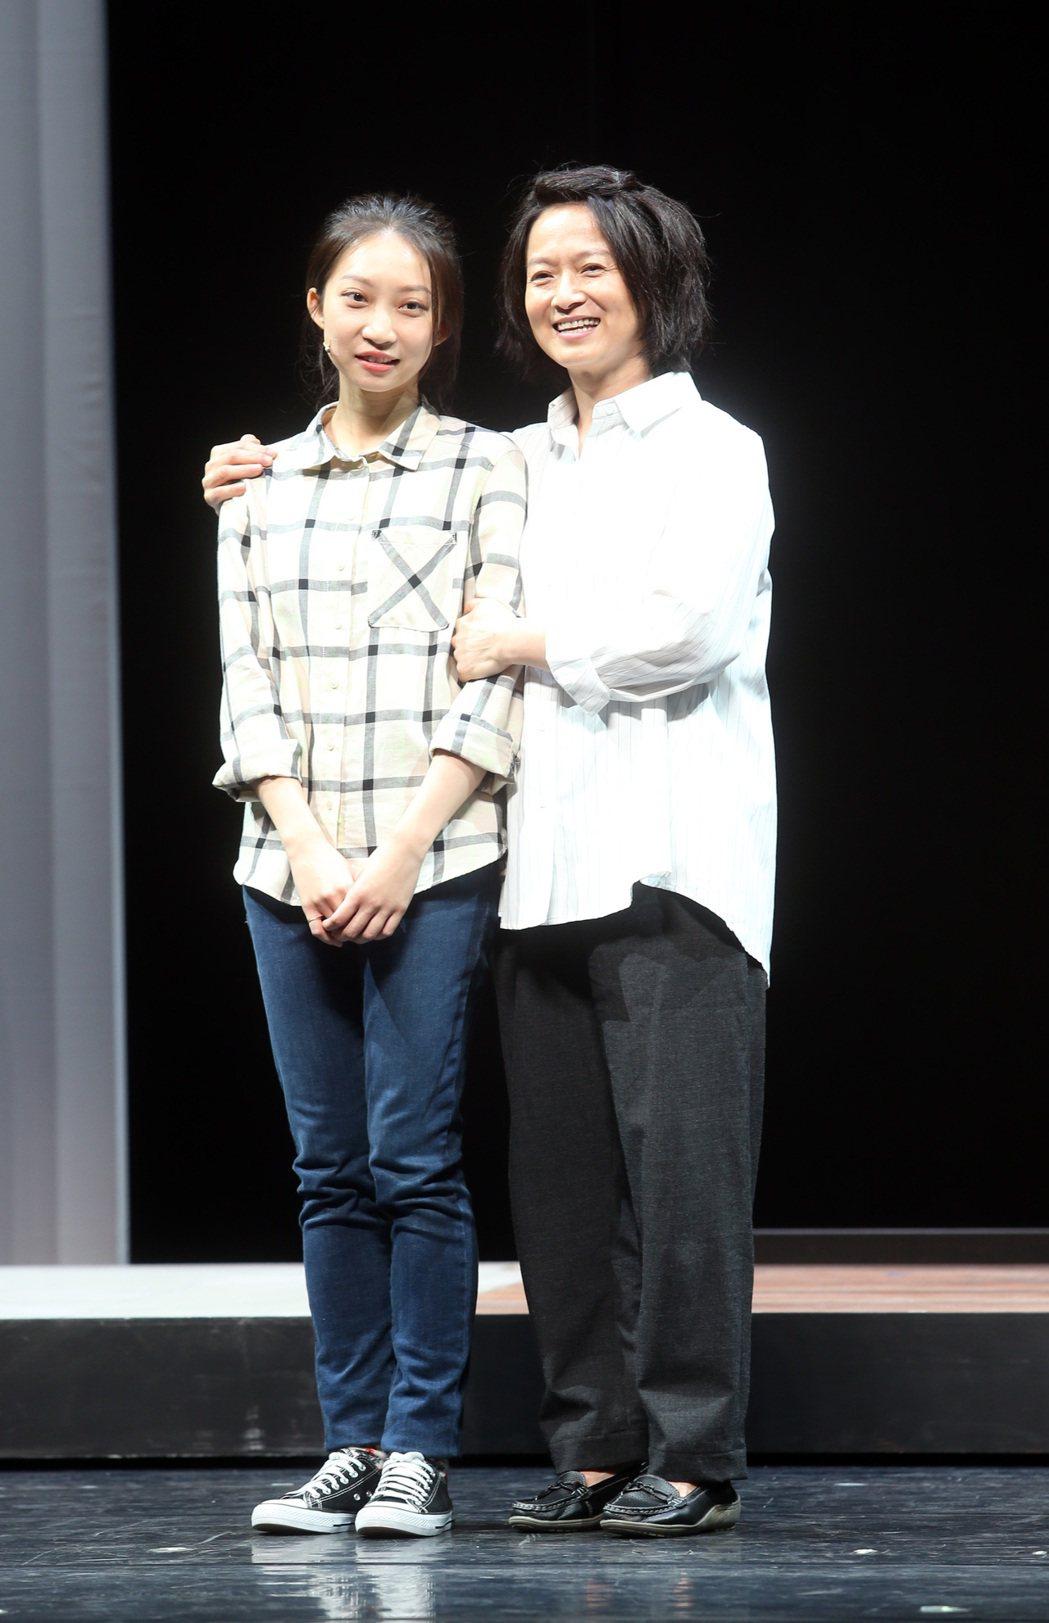 「我們與惡的距離」劇場版彩排,謝瓊煖(右)、陳以思等人出席。記者曾吉松/攝影